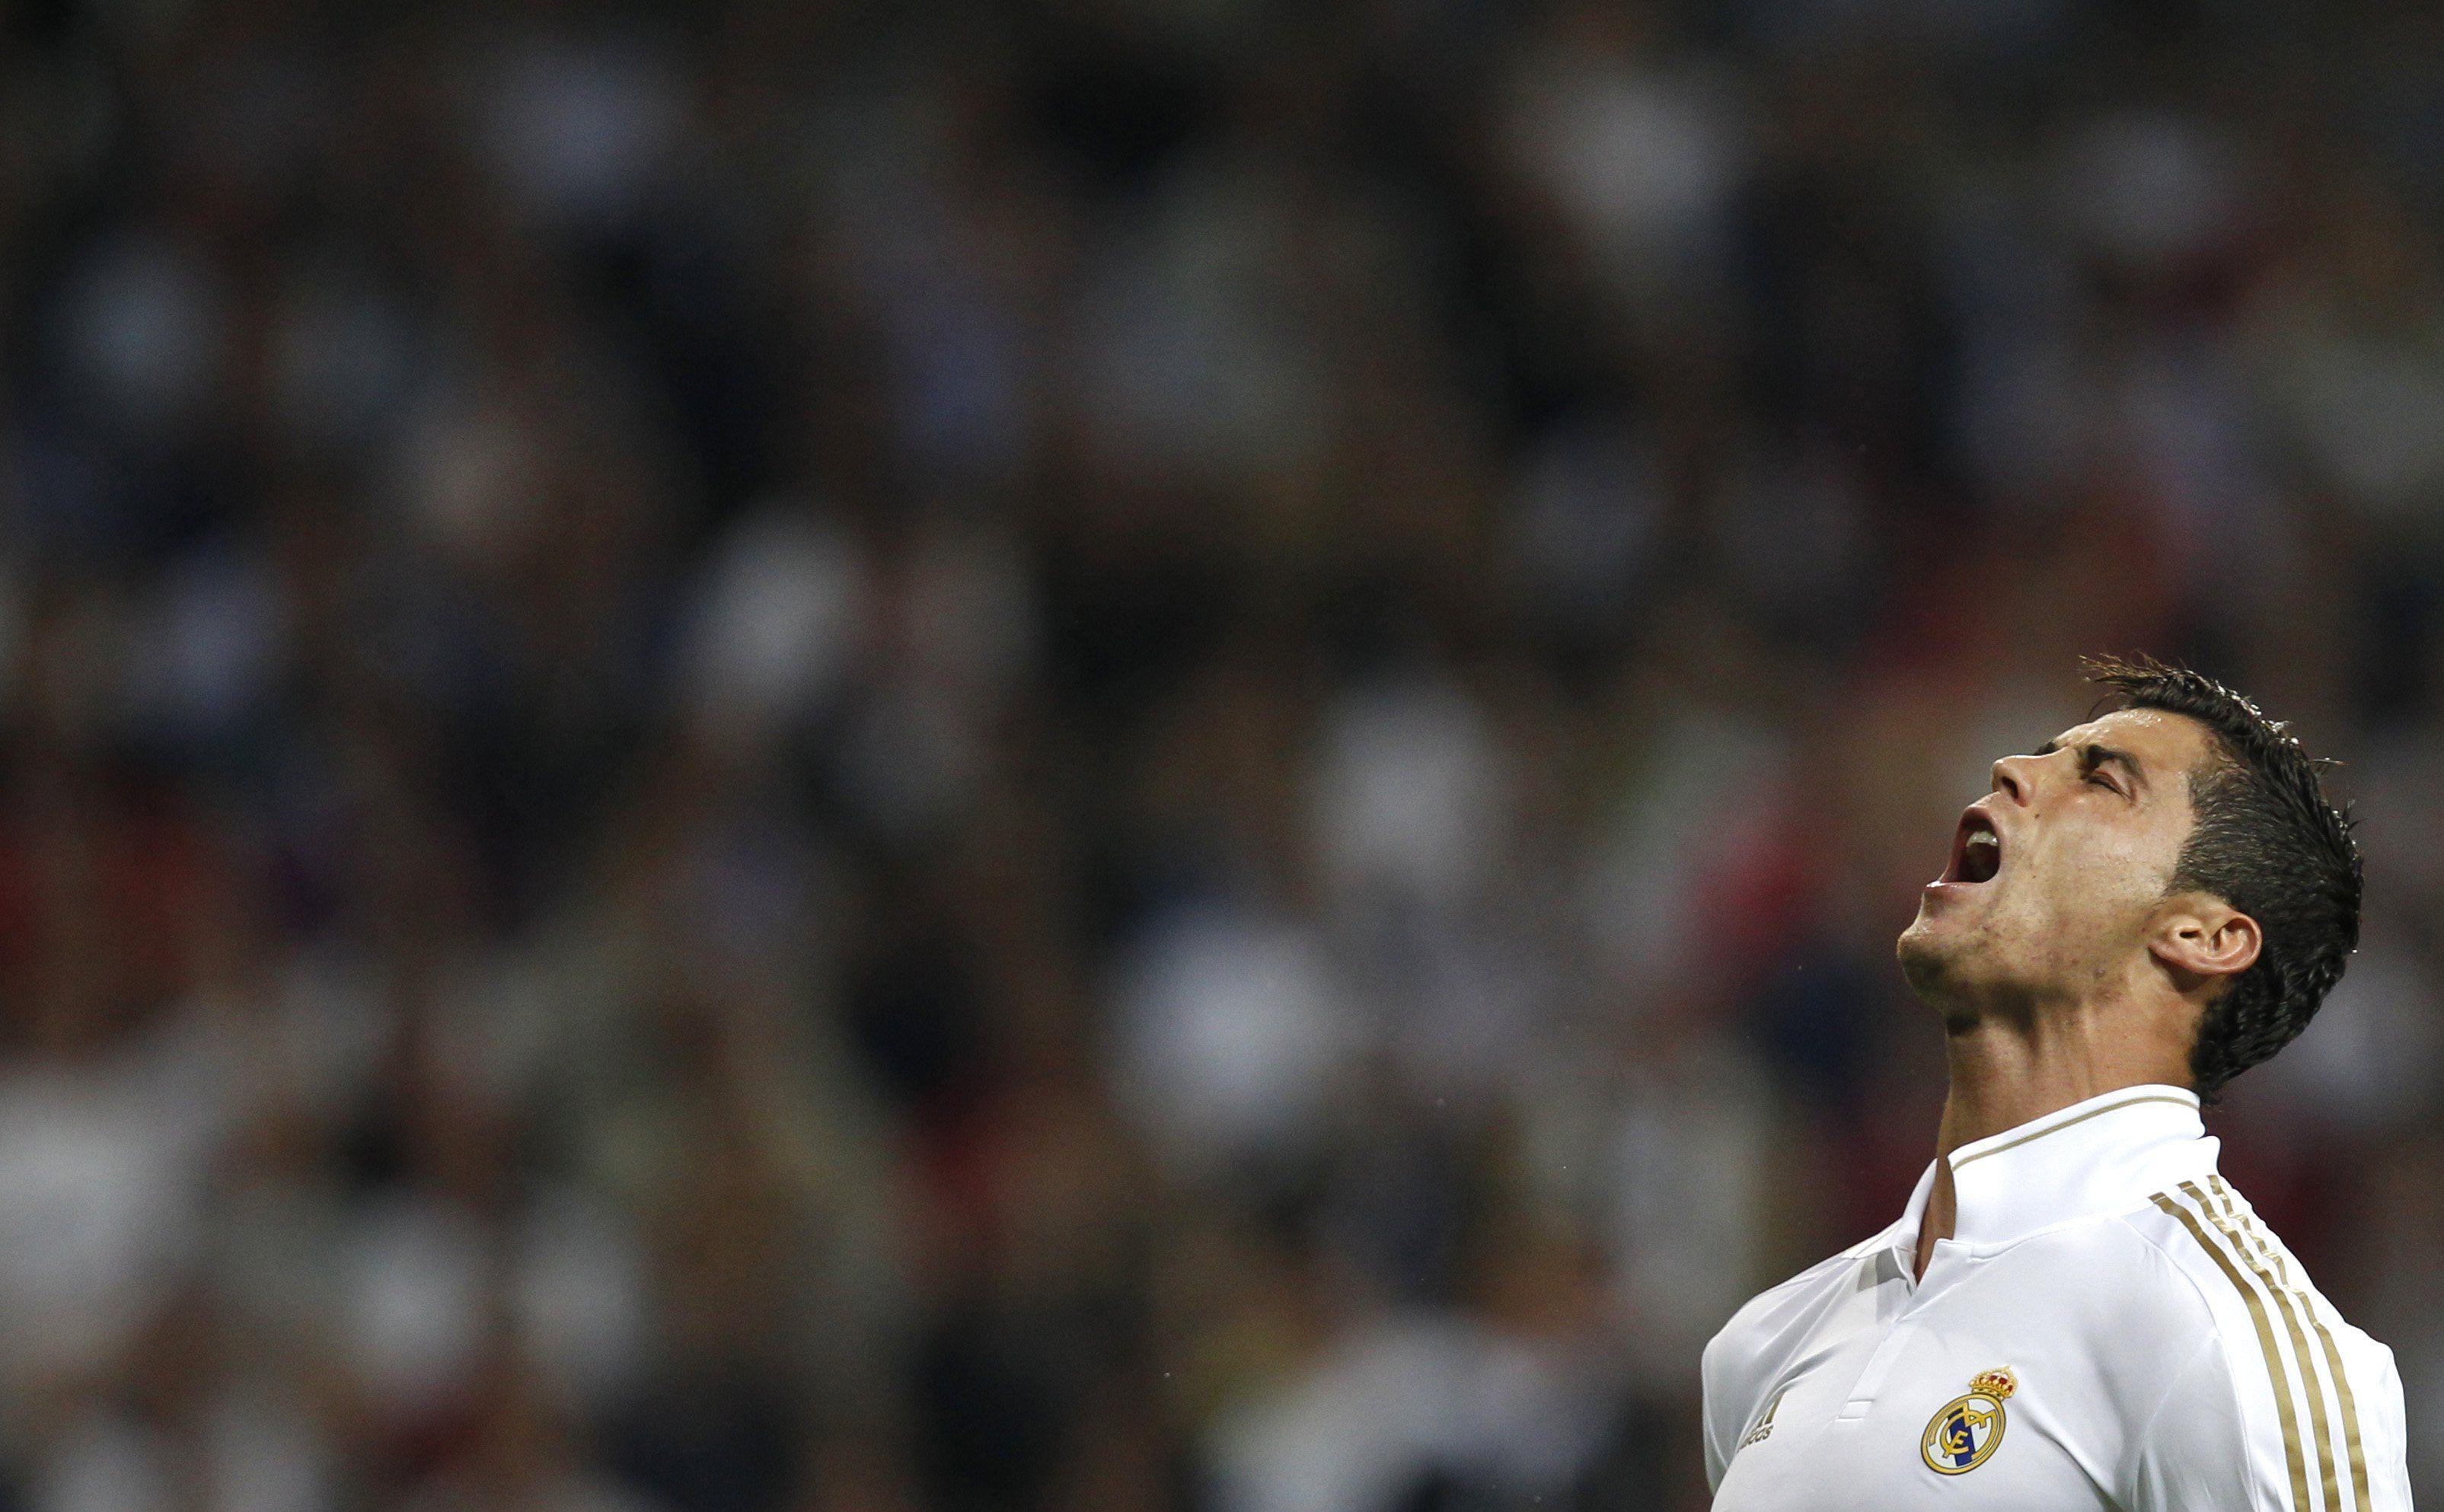 Download Cristiano Ronaldo HD Wallpaper For PC | Wallpicshd